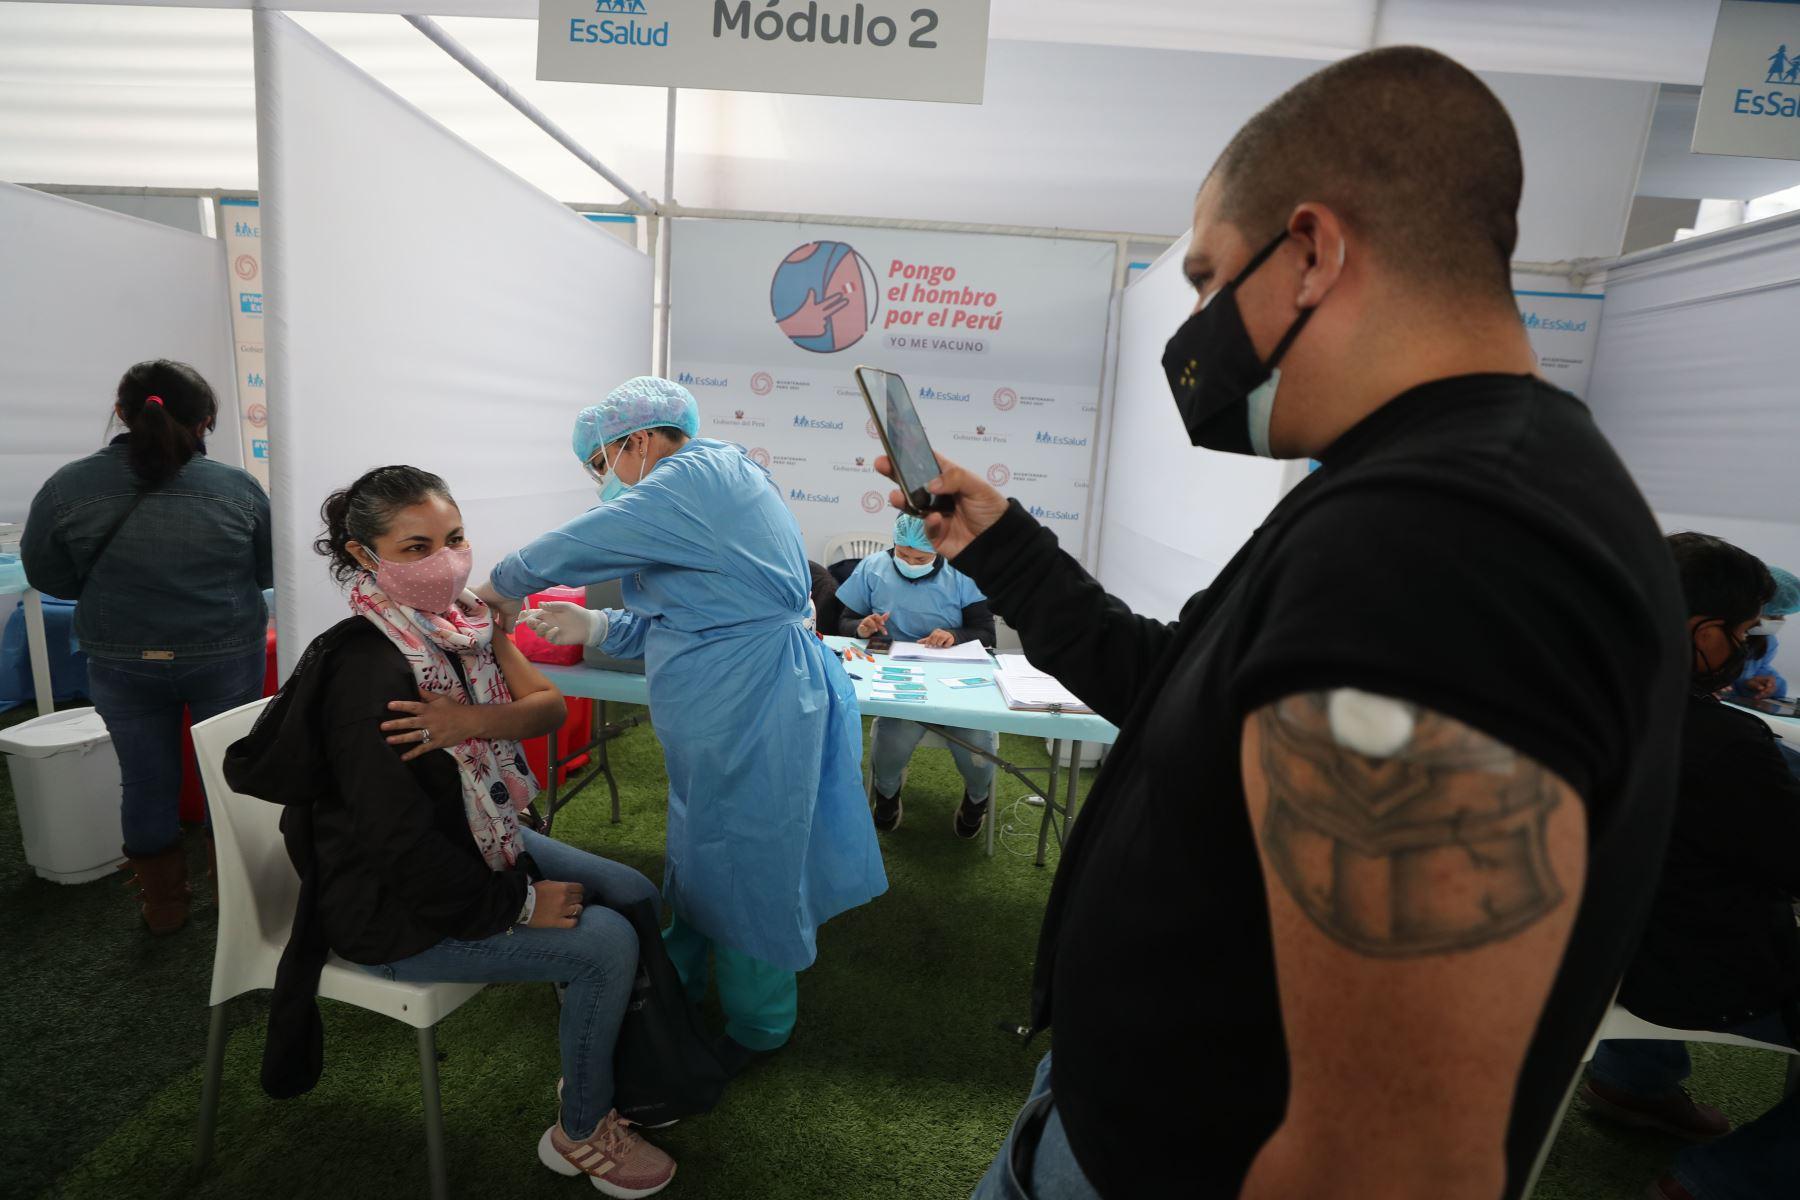 En el marco de la campaña de vacunación, la presidenta del Consejo de Ministros, Violeta Bermúdez junto a la presidenta ejecutiva de EsSalud y el alcalde de Surquillo, participan del Sembrado de 200 árboles por su 72 aniversario. Foto: PCM